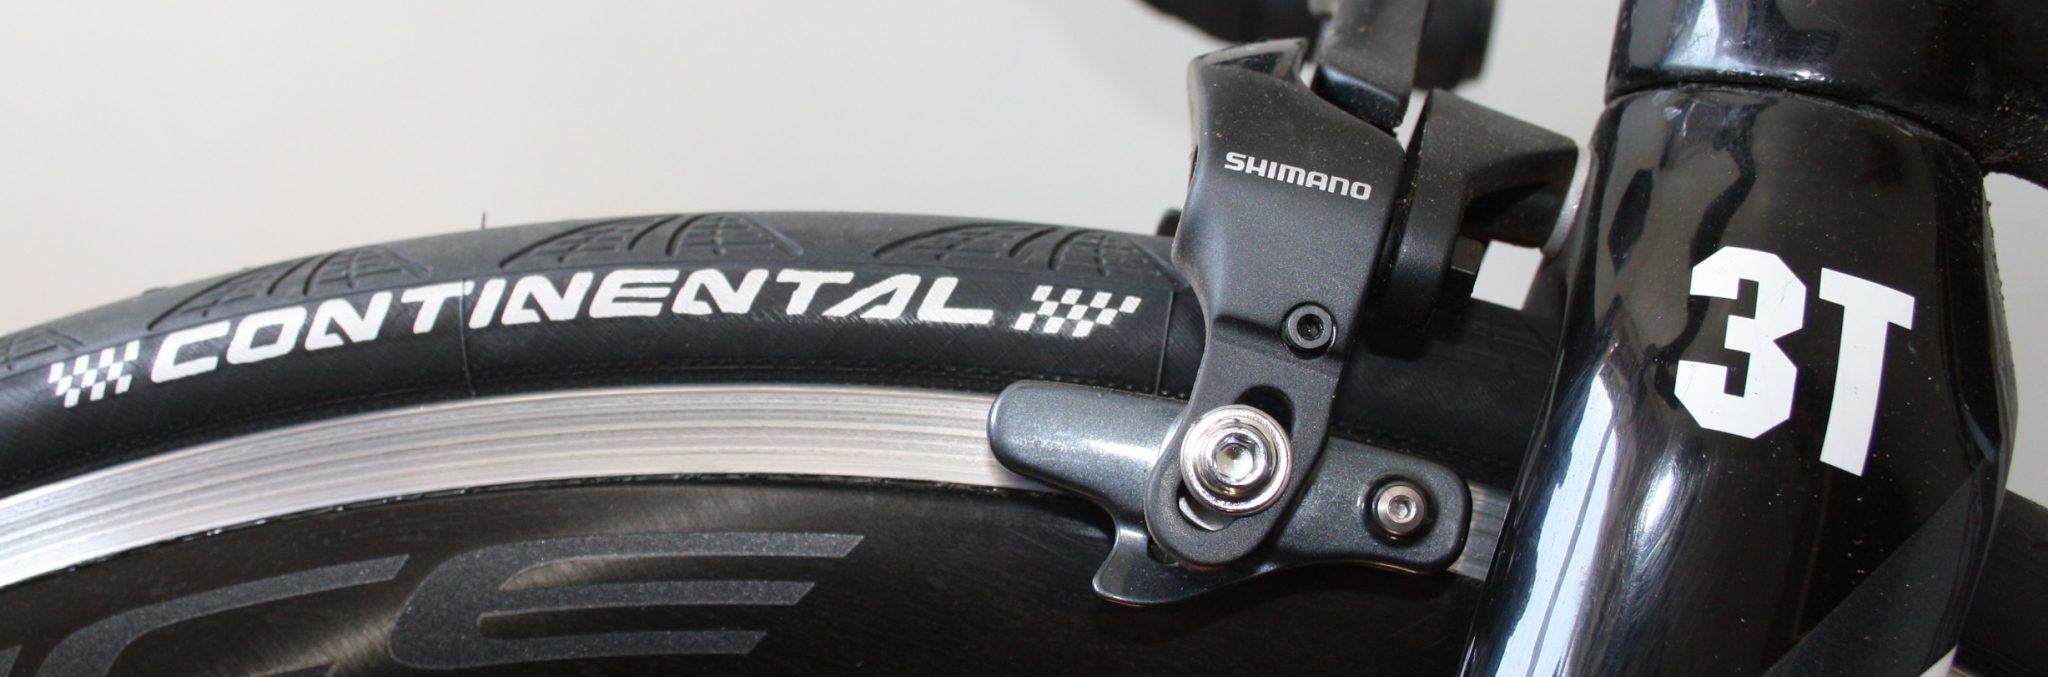 Continental Shimano